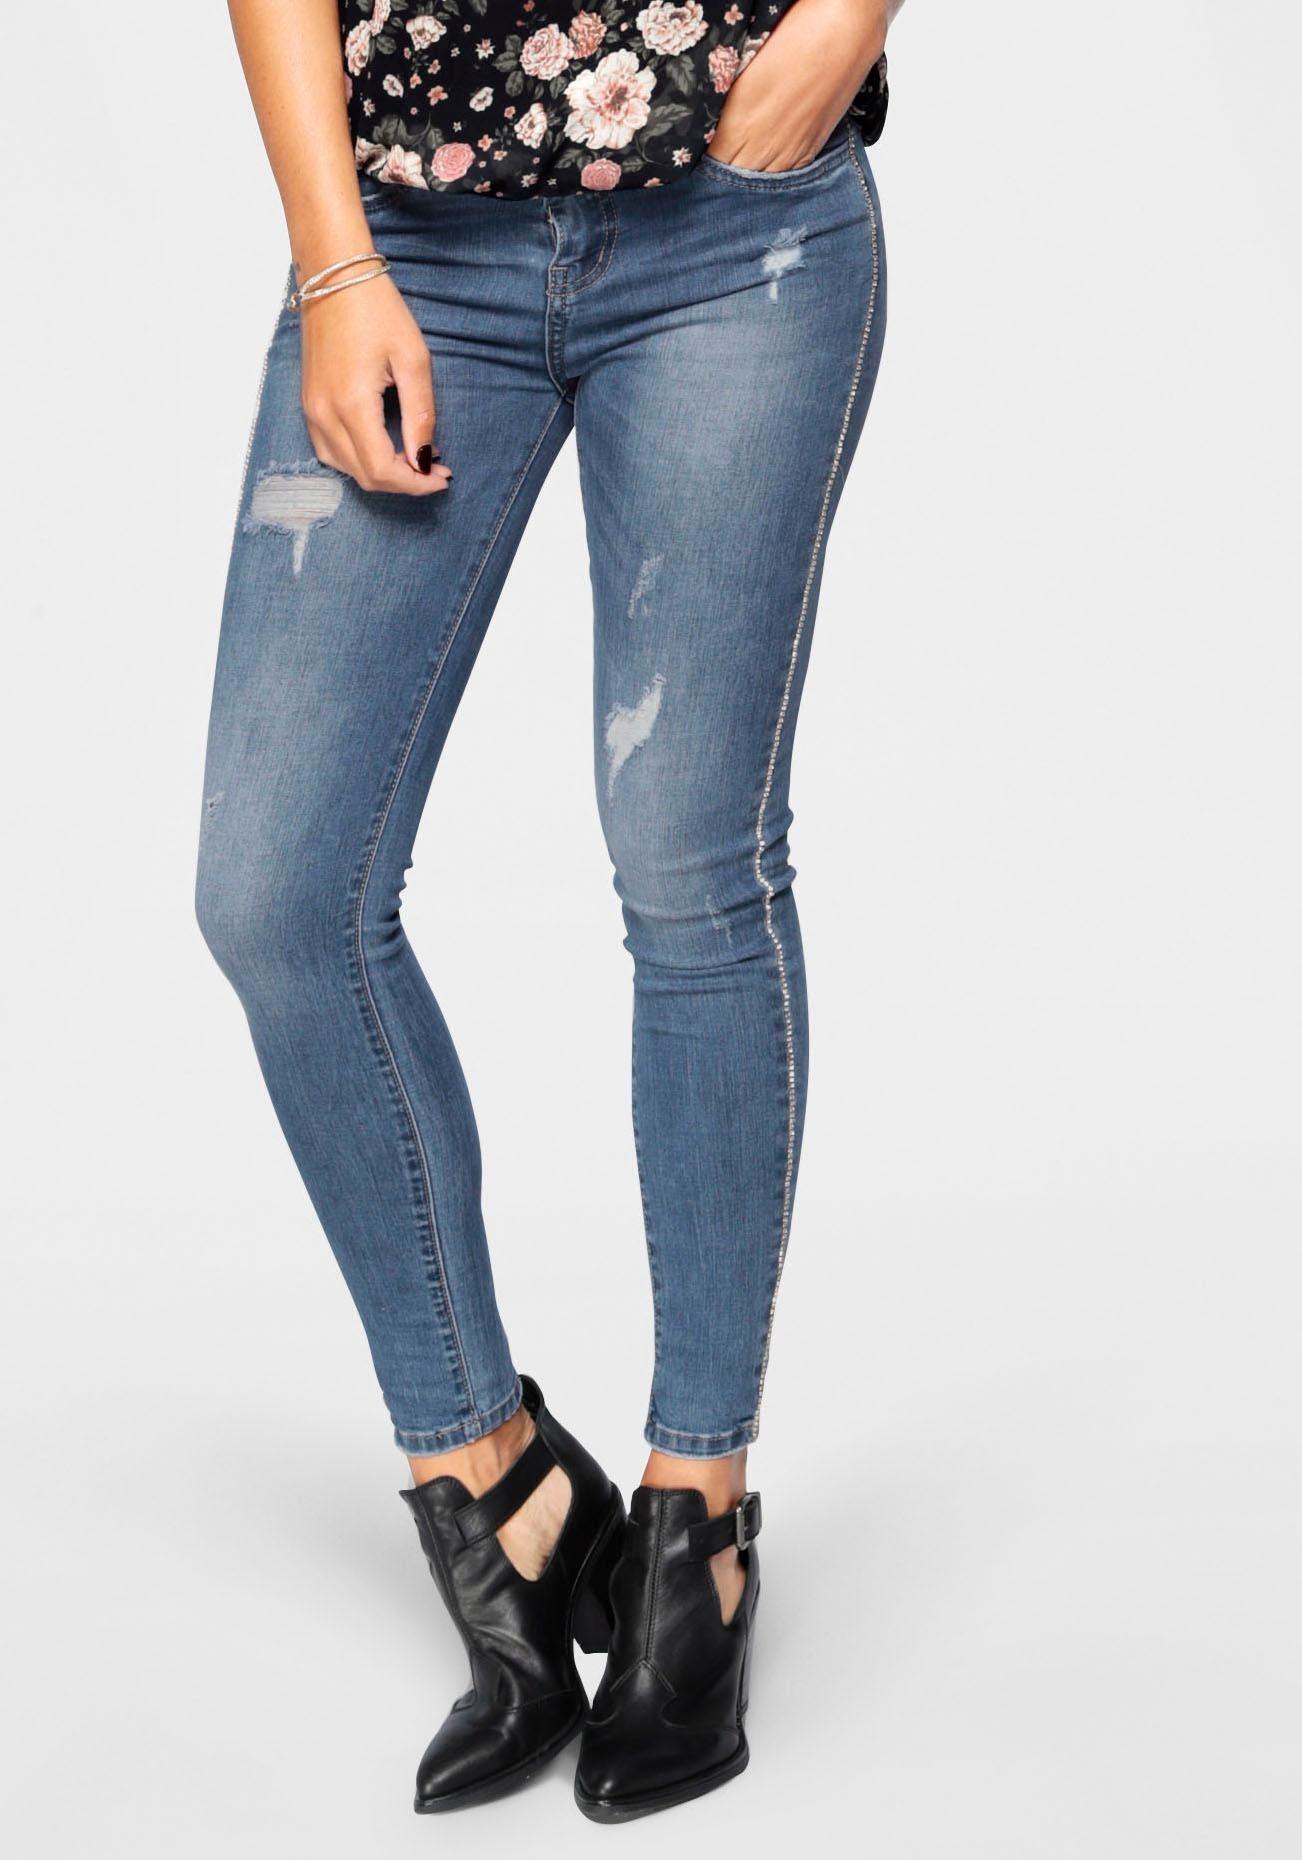 HaILY'S Skinny fit Jeans »ANNY« mit Glitzersteinen an den Seiten online kaufen | OTTO